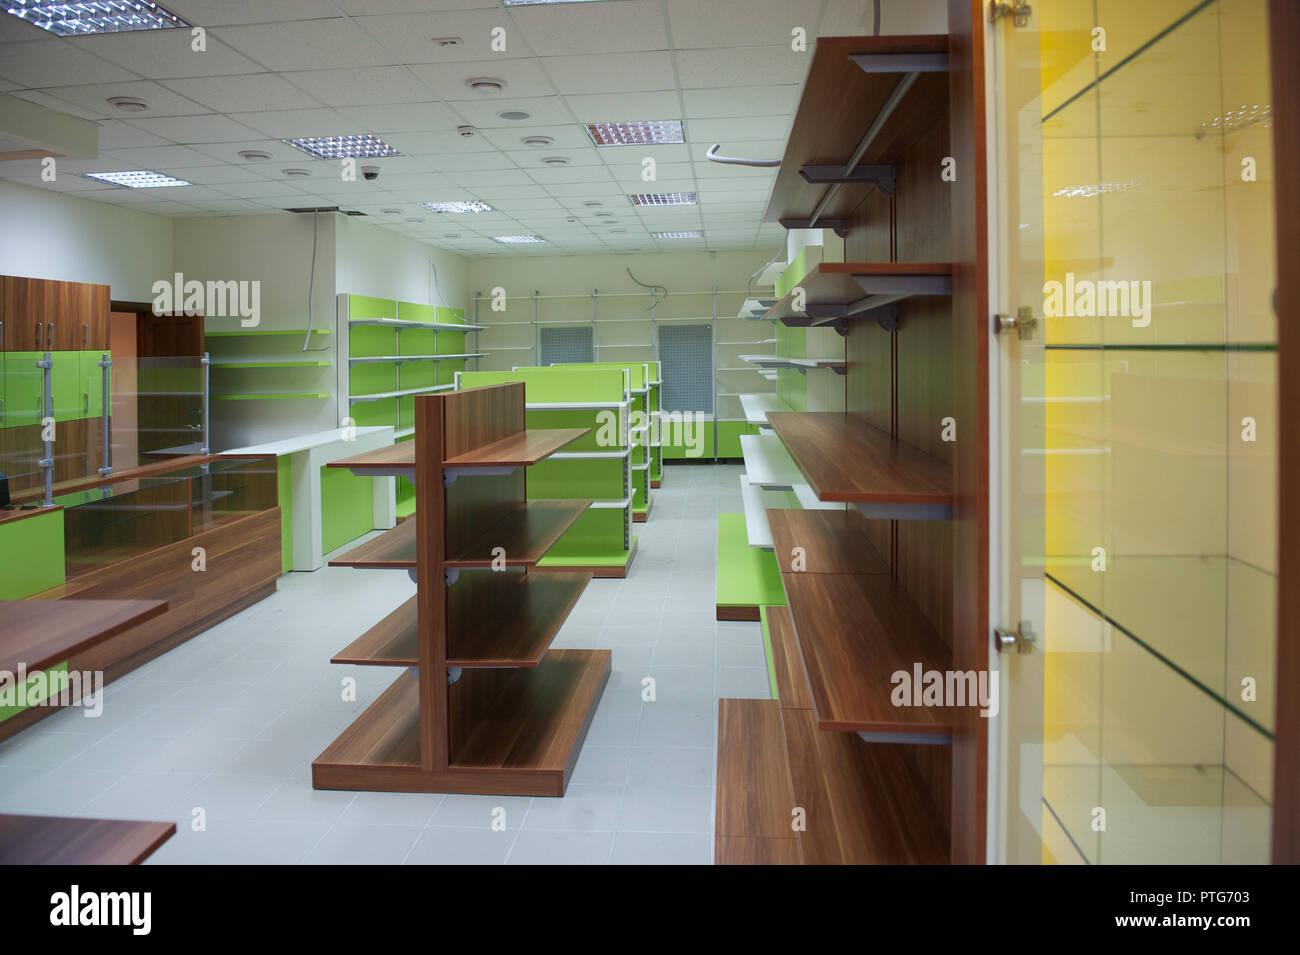 Mobilier Pour Le Magasin Les Rayons Des Magasins Vides Furniture b9df0458f557